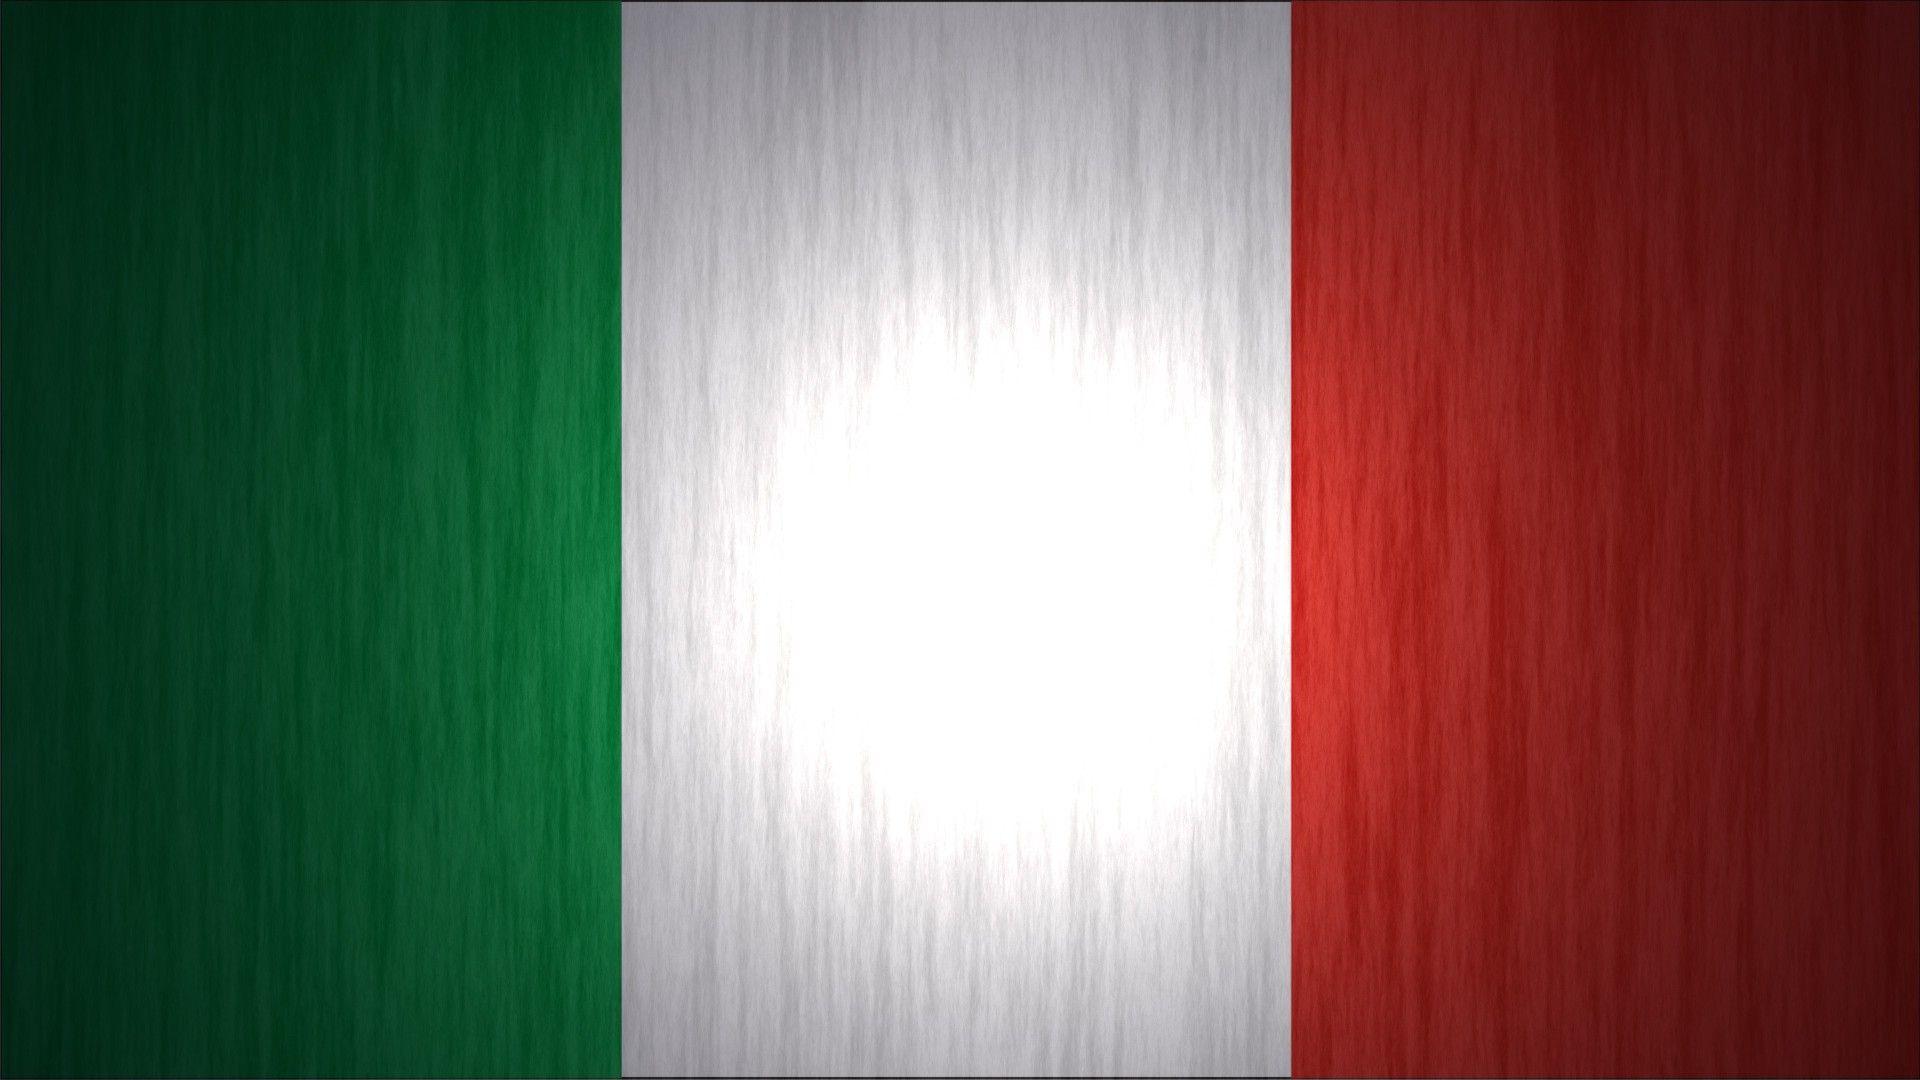 Travel Italy Italian Flag Image Flag Wallpaper